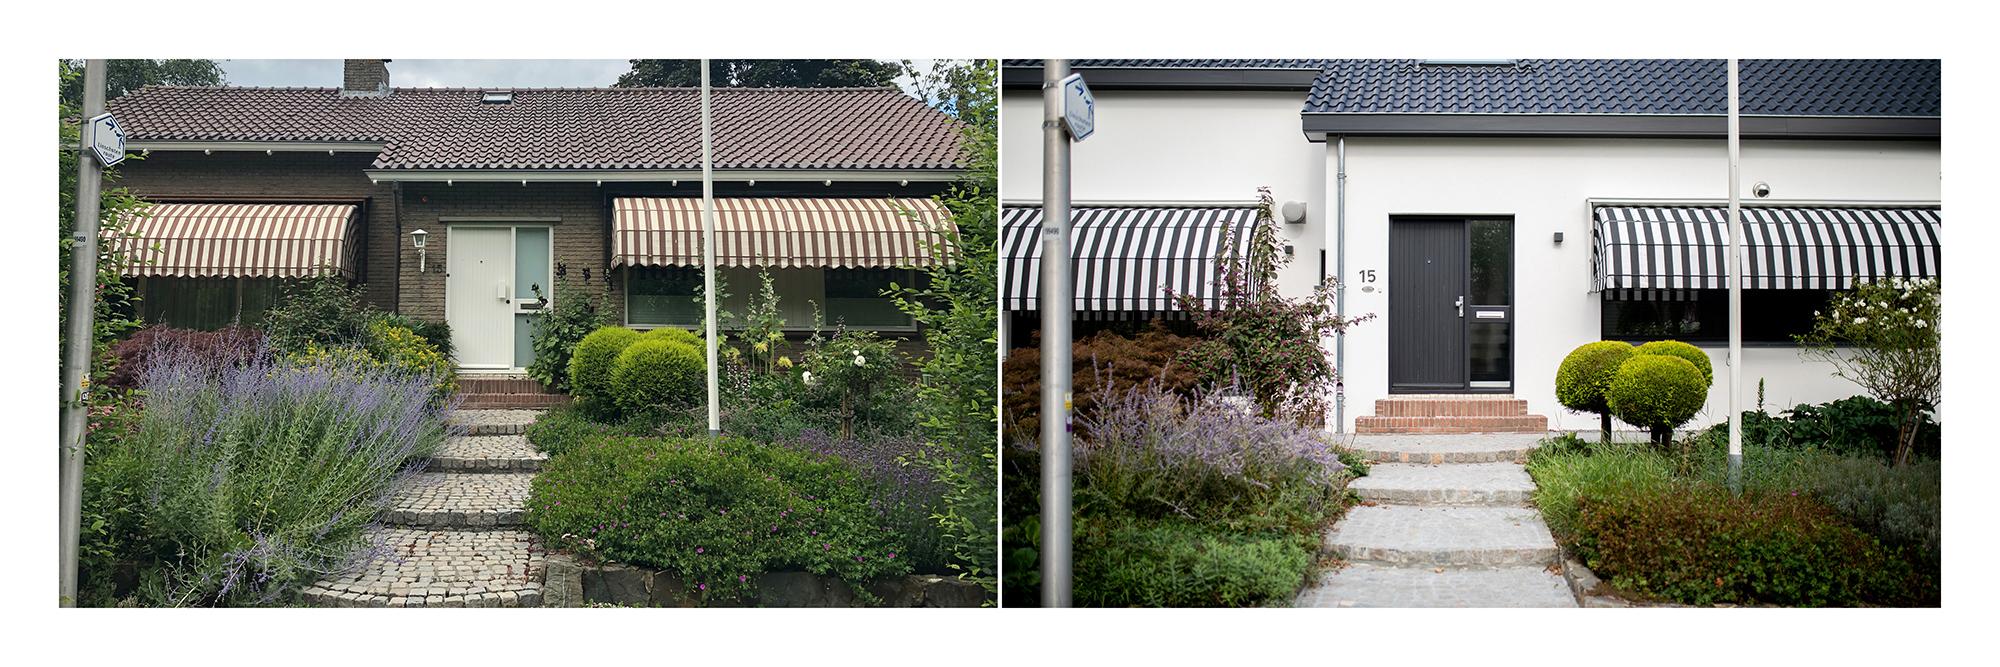 Rietveld interieurbouw oudewater verbouwing renovatie19